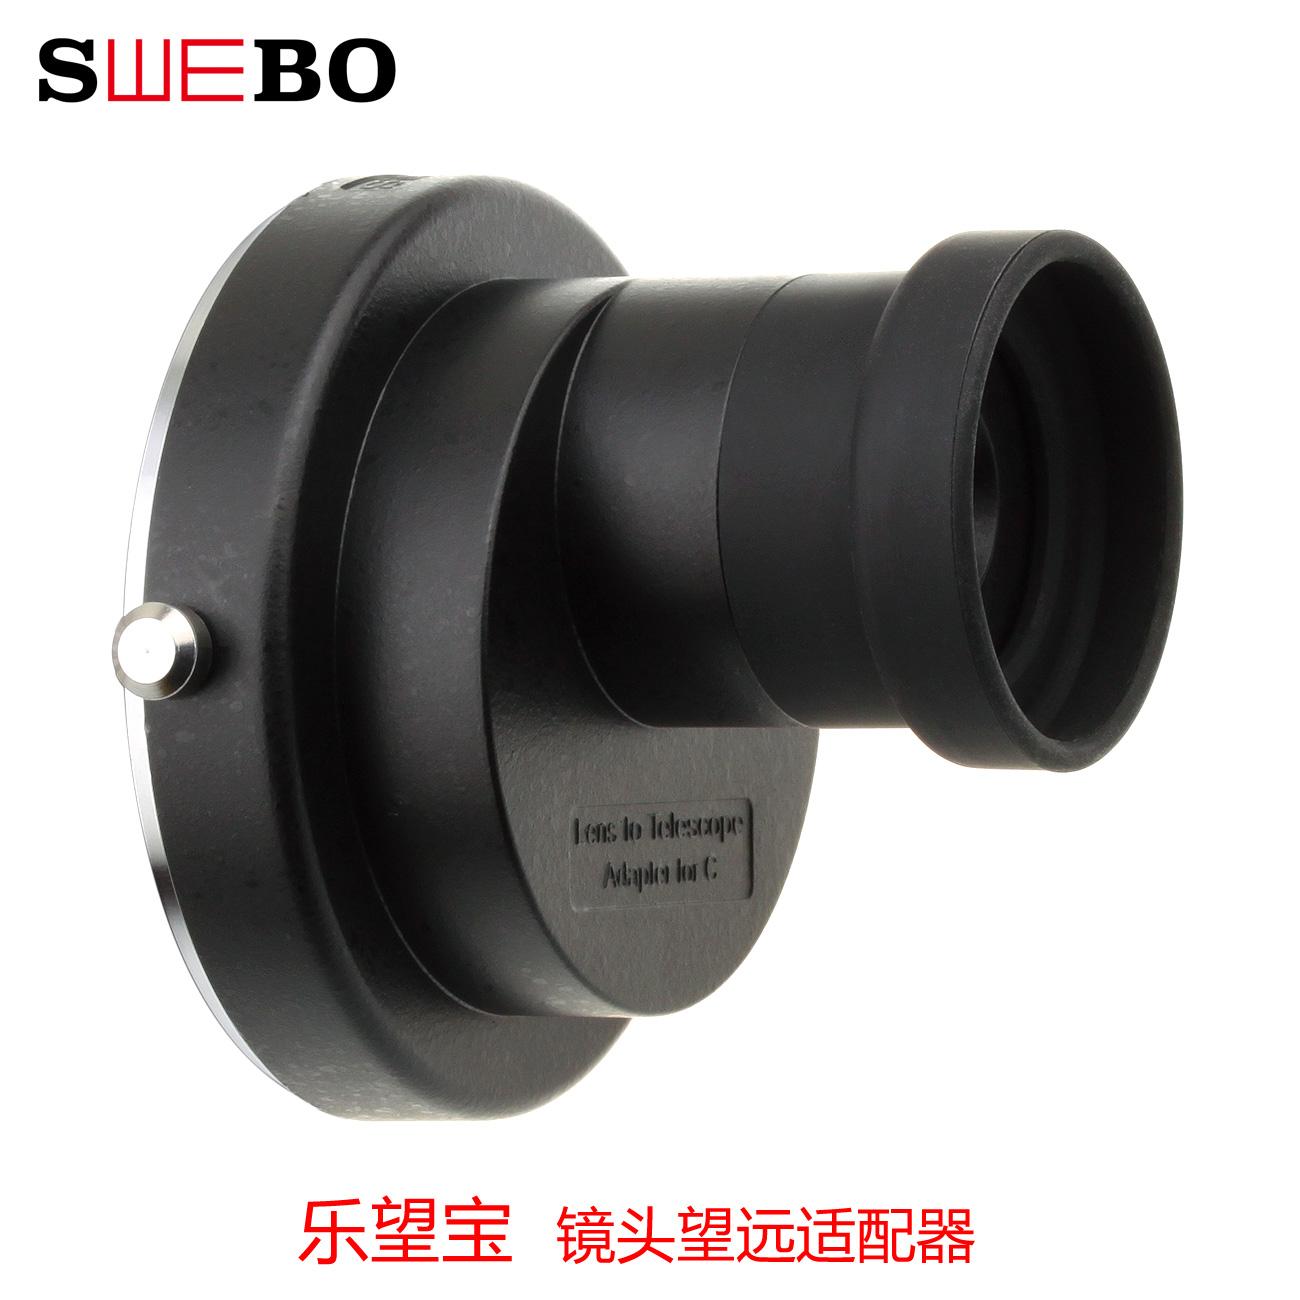 乐望宝佳能口 SWEBO 镜头接目镜望远适配器 镜头变高倍高清望远镜